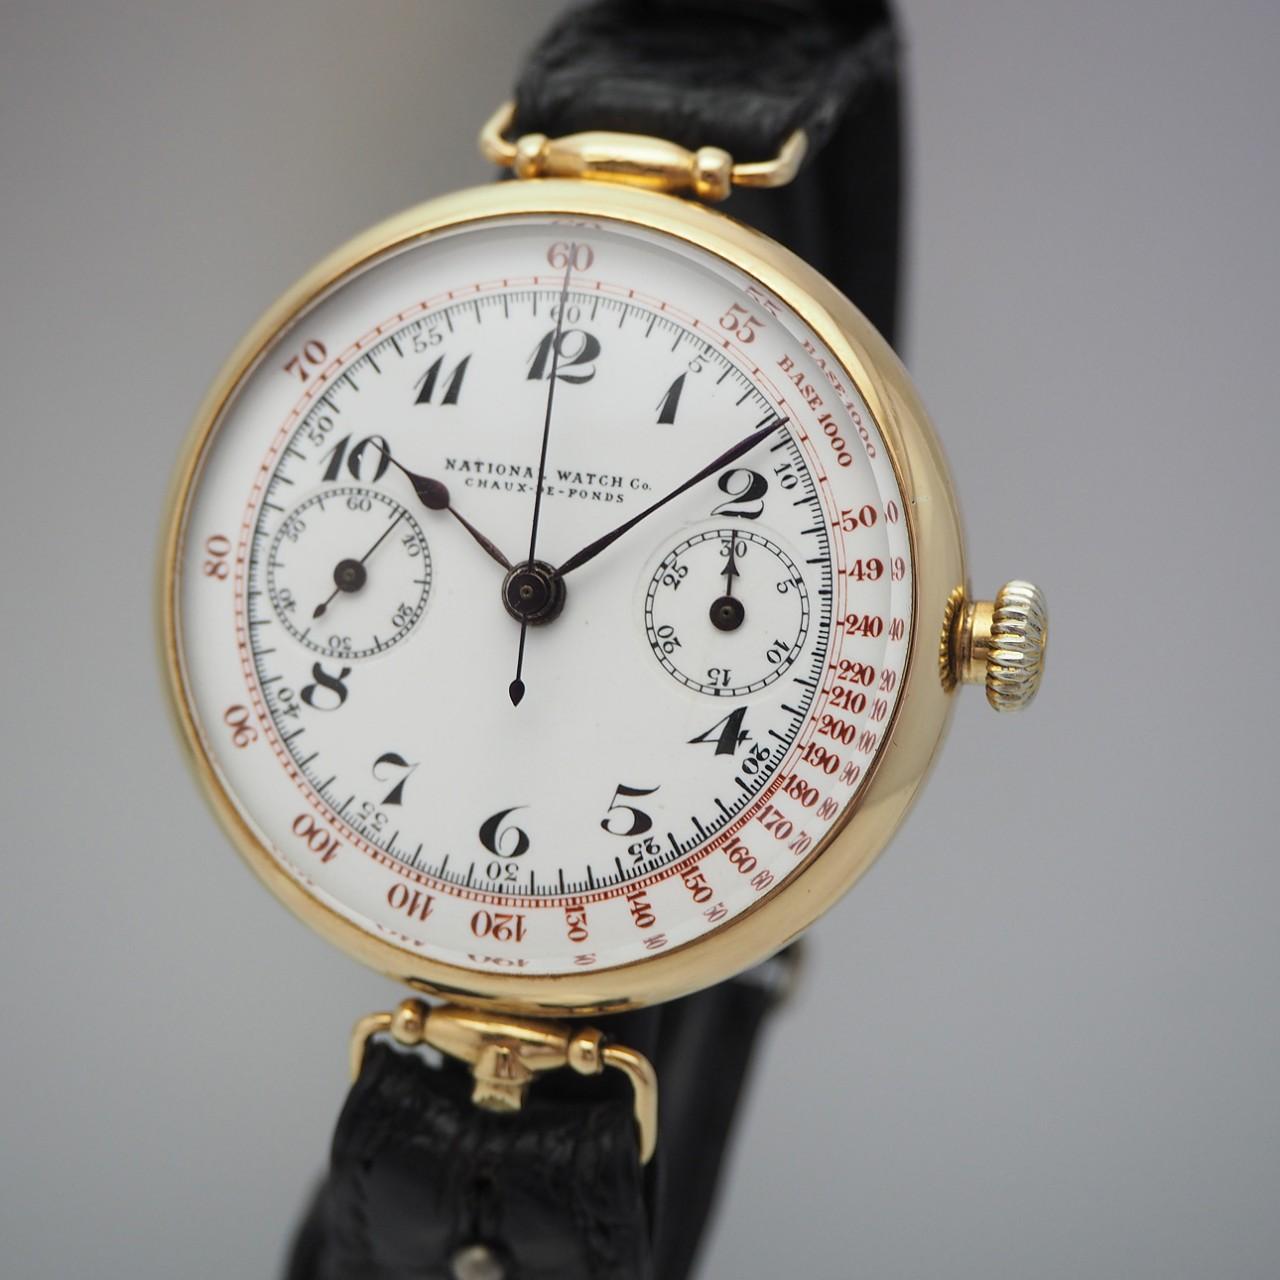 National watch Co/ La Chaux-de-Fonds, Oversize-Chronograph Vintage Enamel / ca. 1920, Gold 18k/750